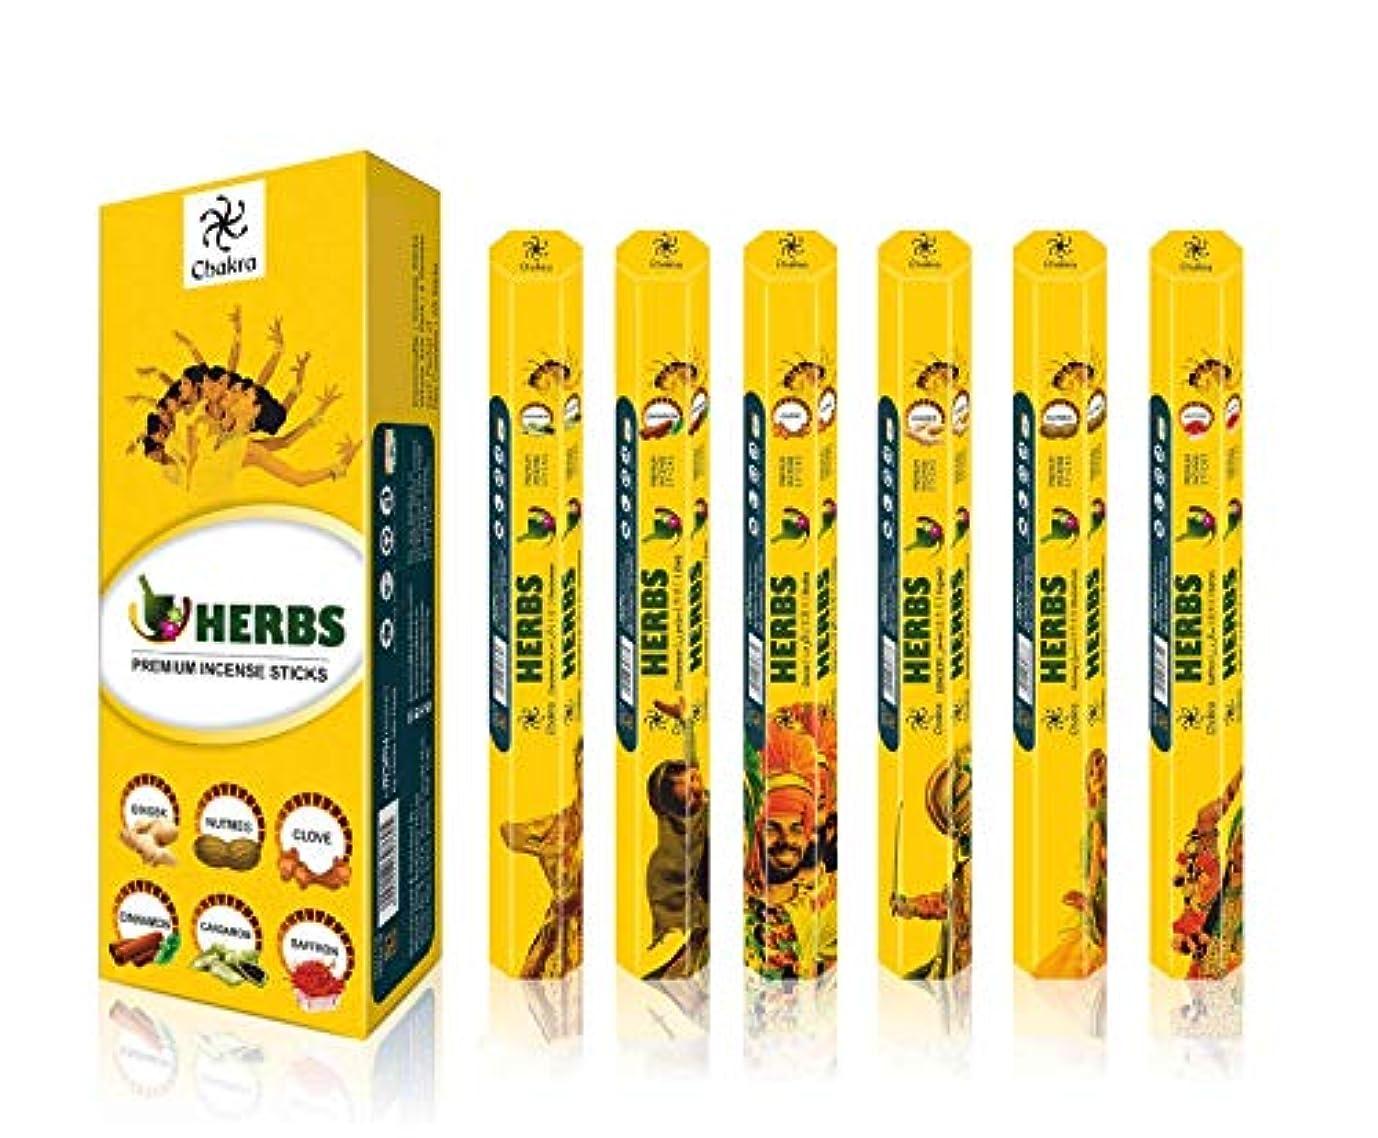 効能ある叱る手足HerbプレミアムFragrance Sticks – PleasantとPeaceful天然Incense Sticks – プレミアム品質アロマSticks – 20 Sticks perボックス – パックof 6...